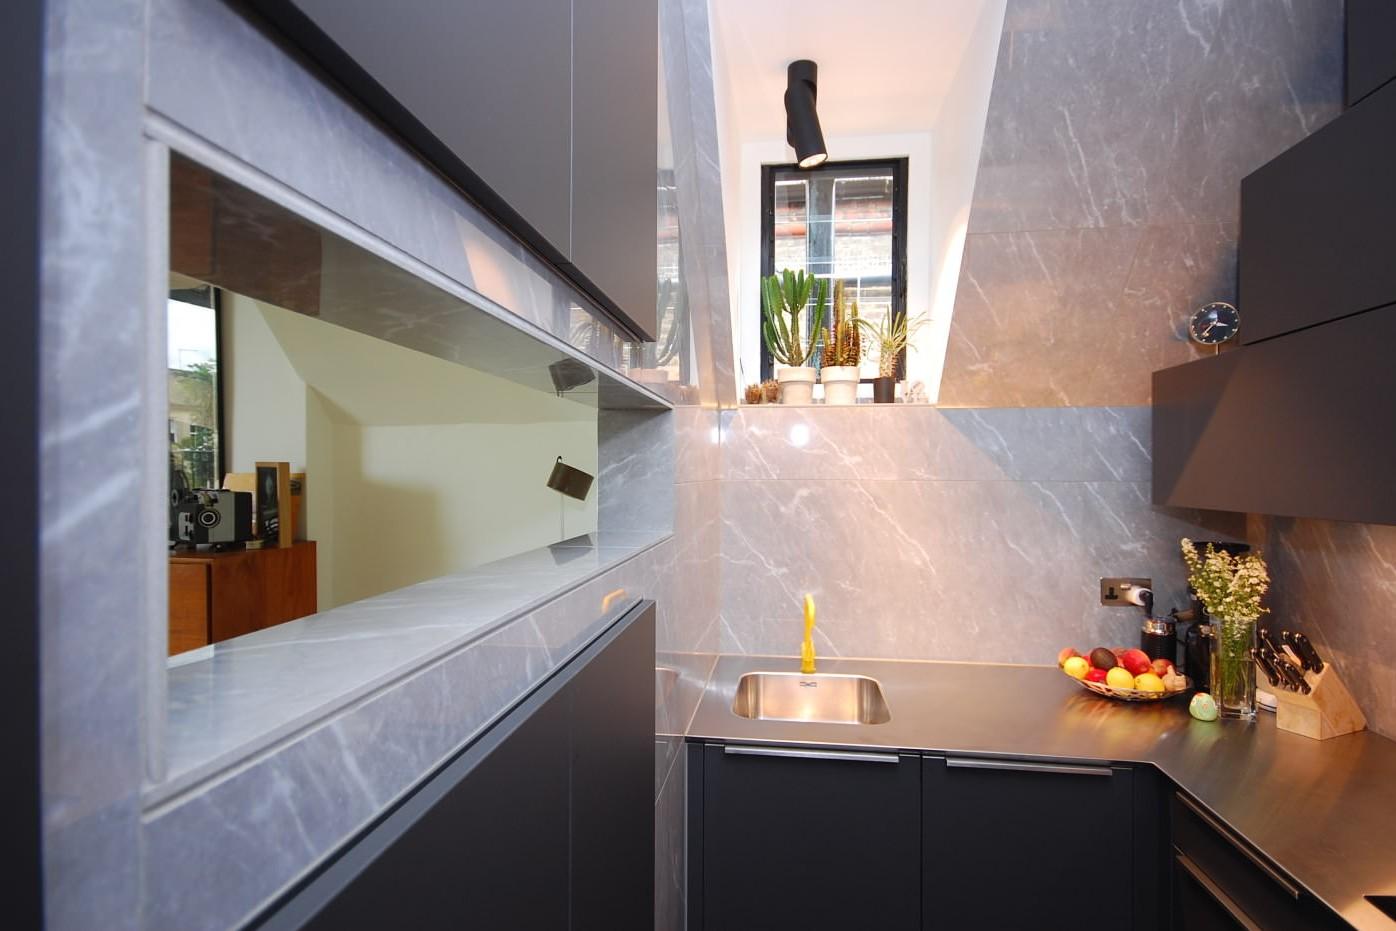 Primrose Hill Kitchen Refit